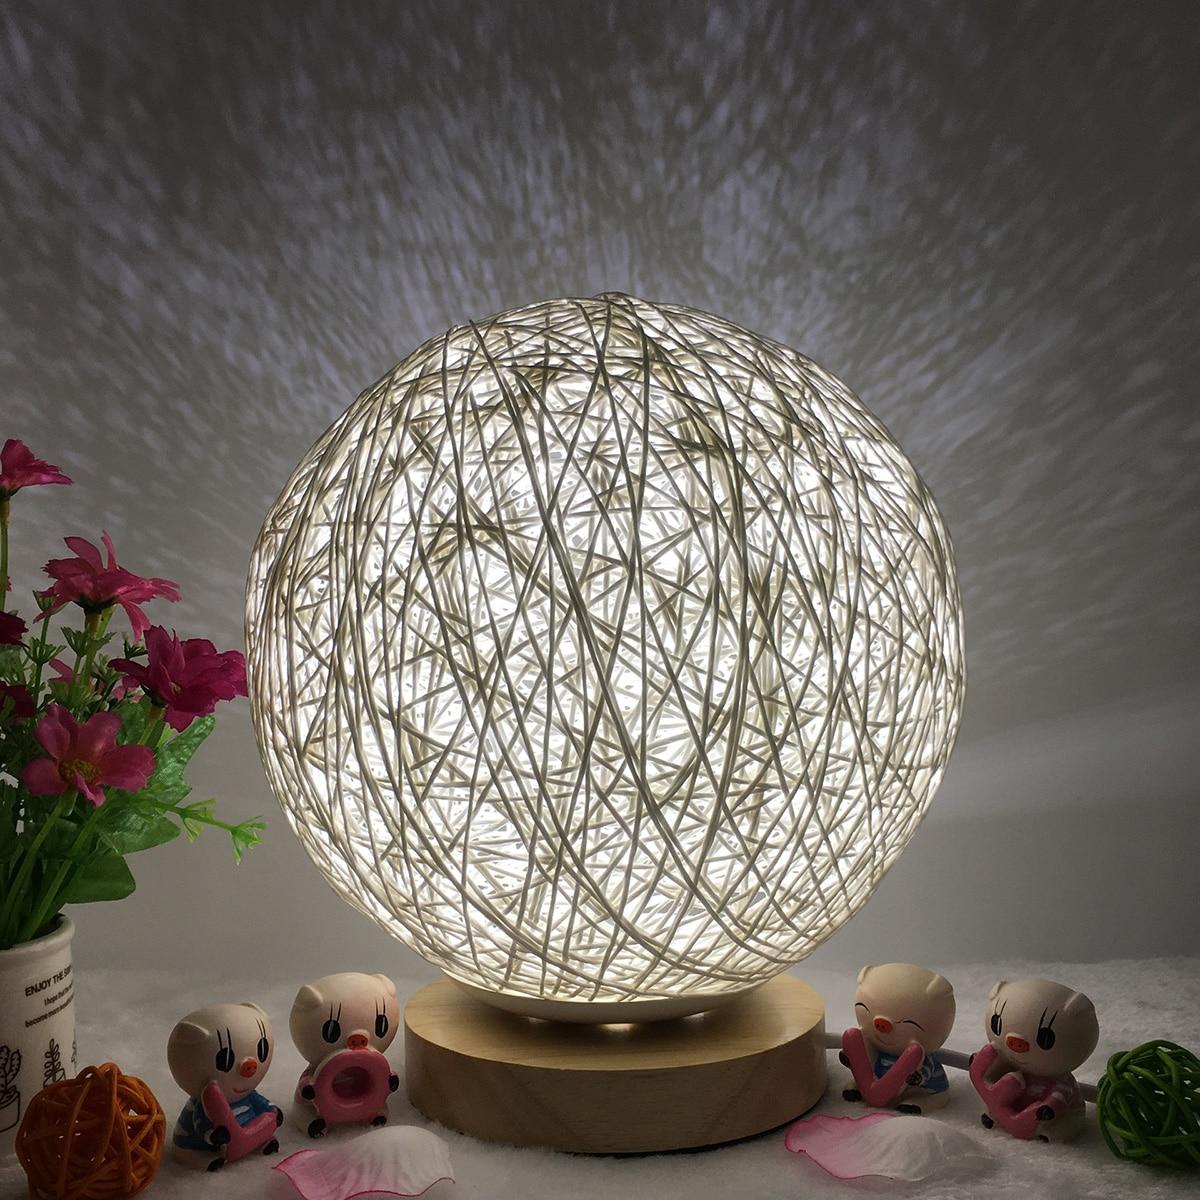 크리 에이 티브 테이블 램프 손으로 뜨다 전등 갓 나무 문 램프 USB 침실 홈 웨딩 장식 달빛 밤 빛